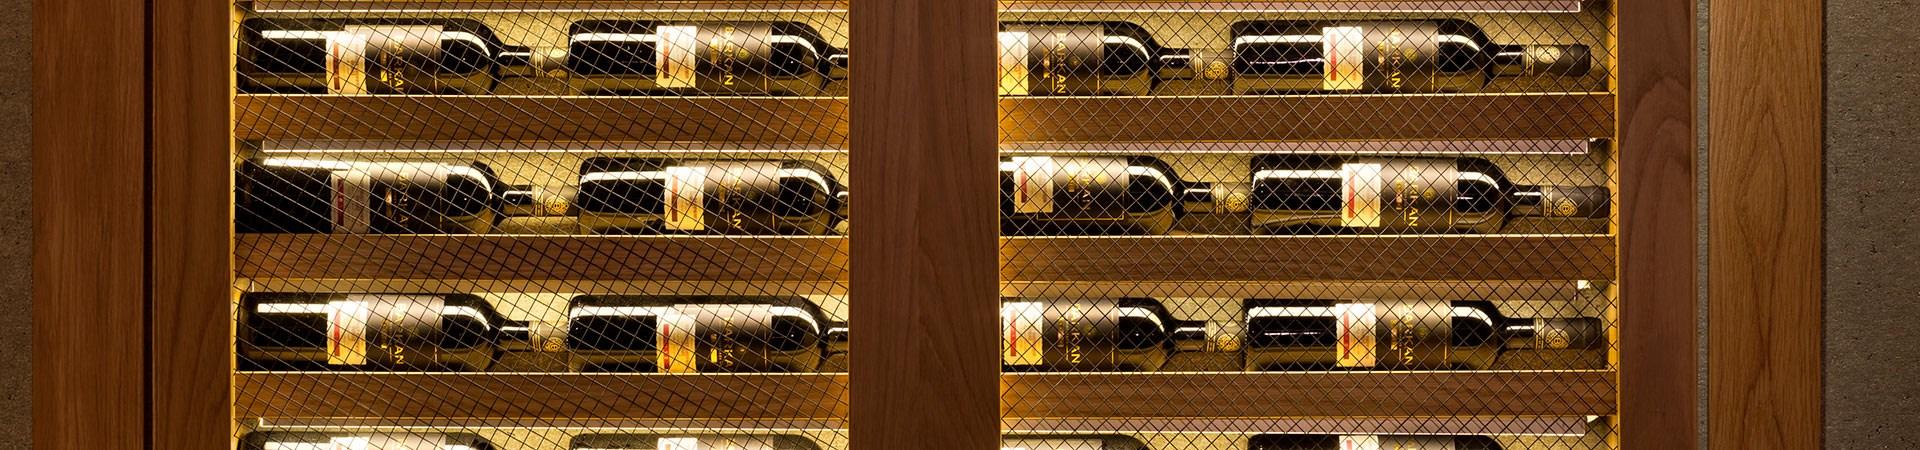 פרימה פארק - בר יינות